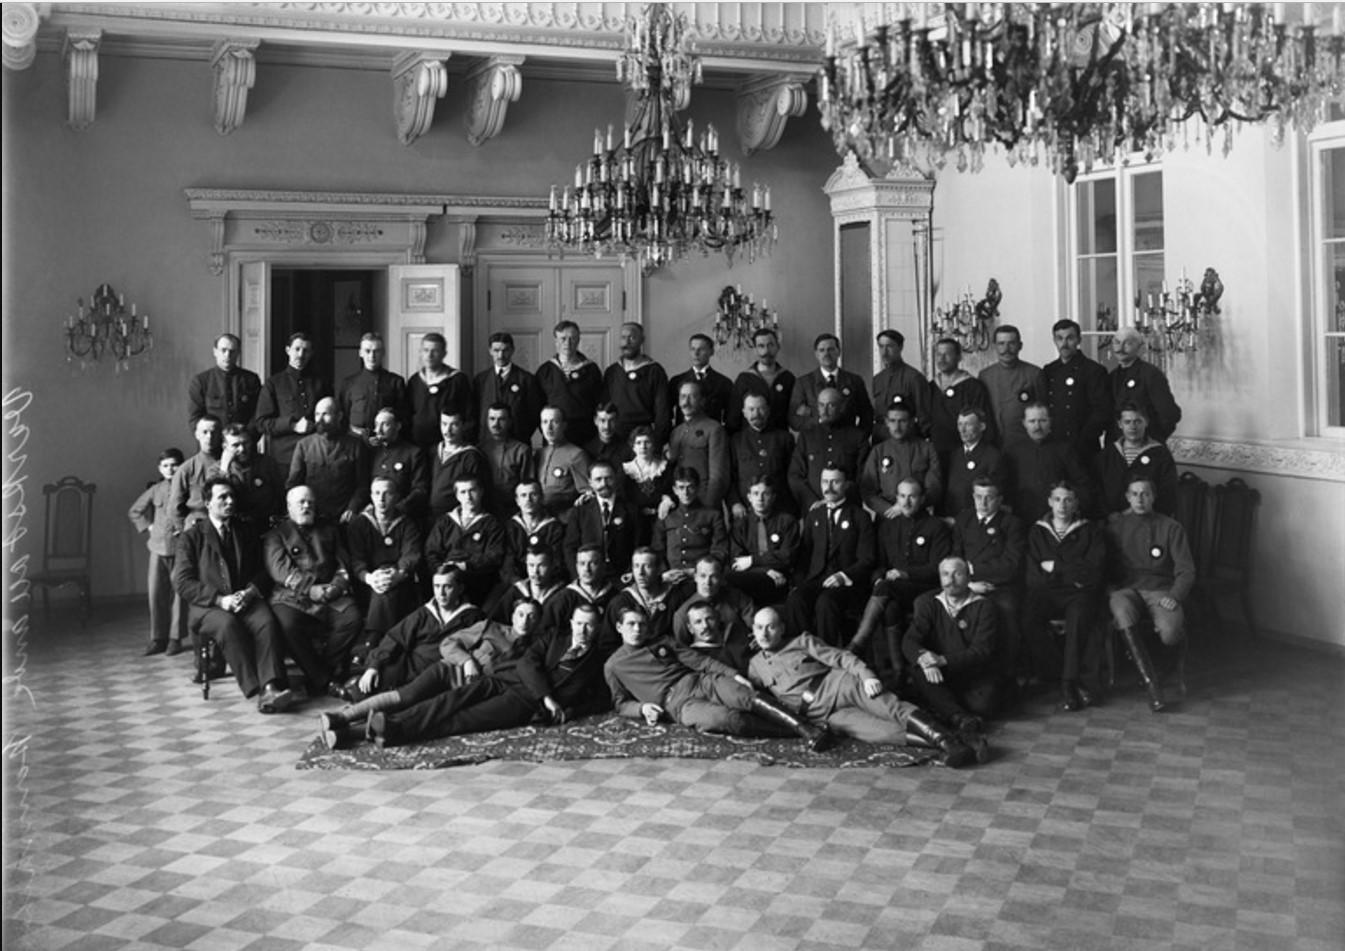 Исполнительный Комитет Совета депутатов армии, флота и рабочих в зале императорского дворца в Гельсингфорсе